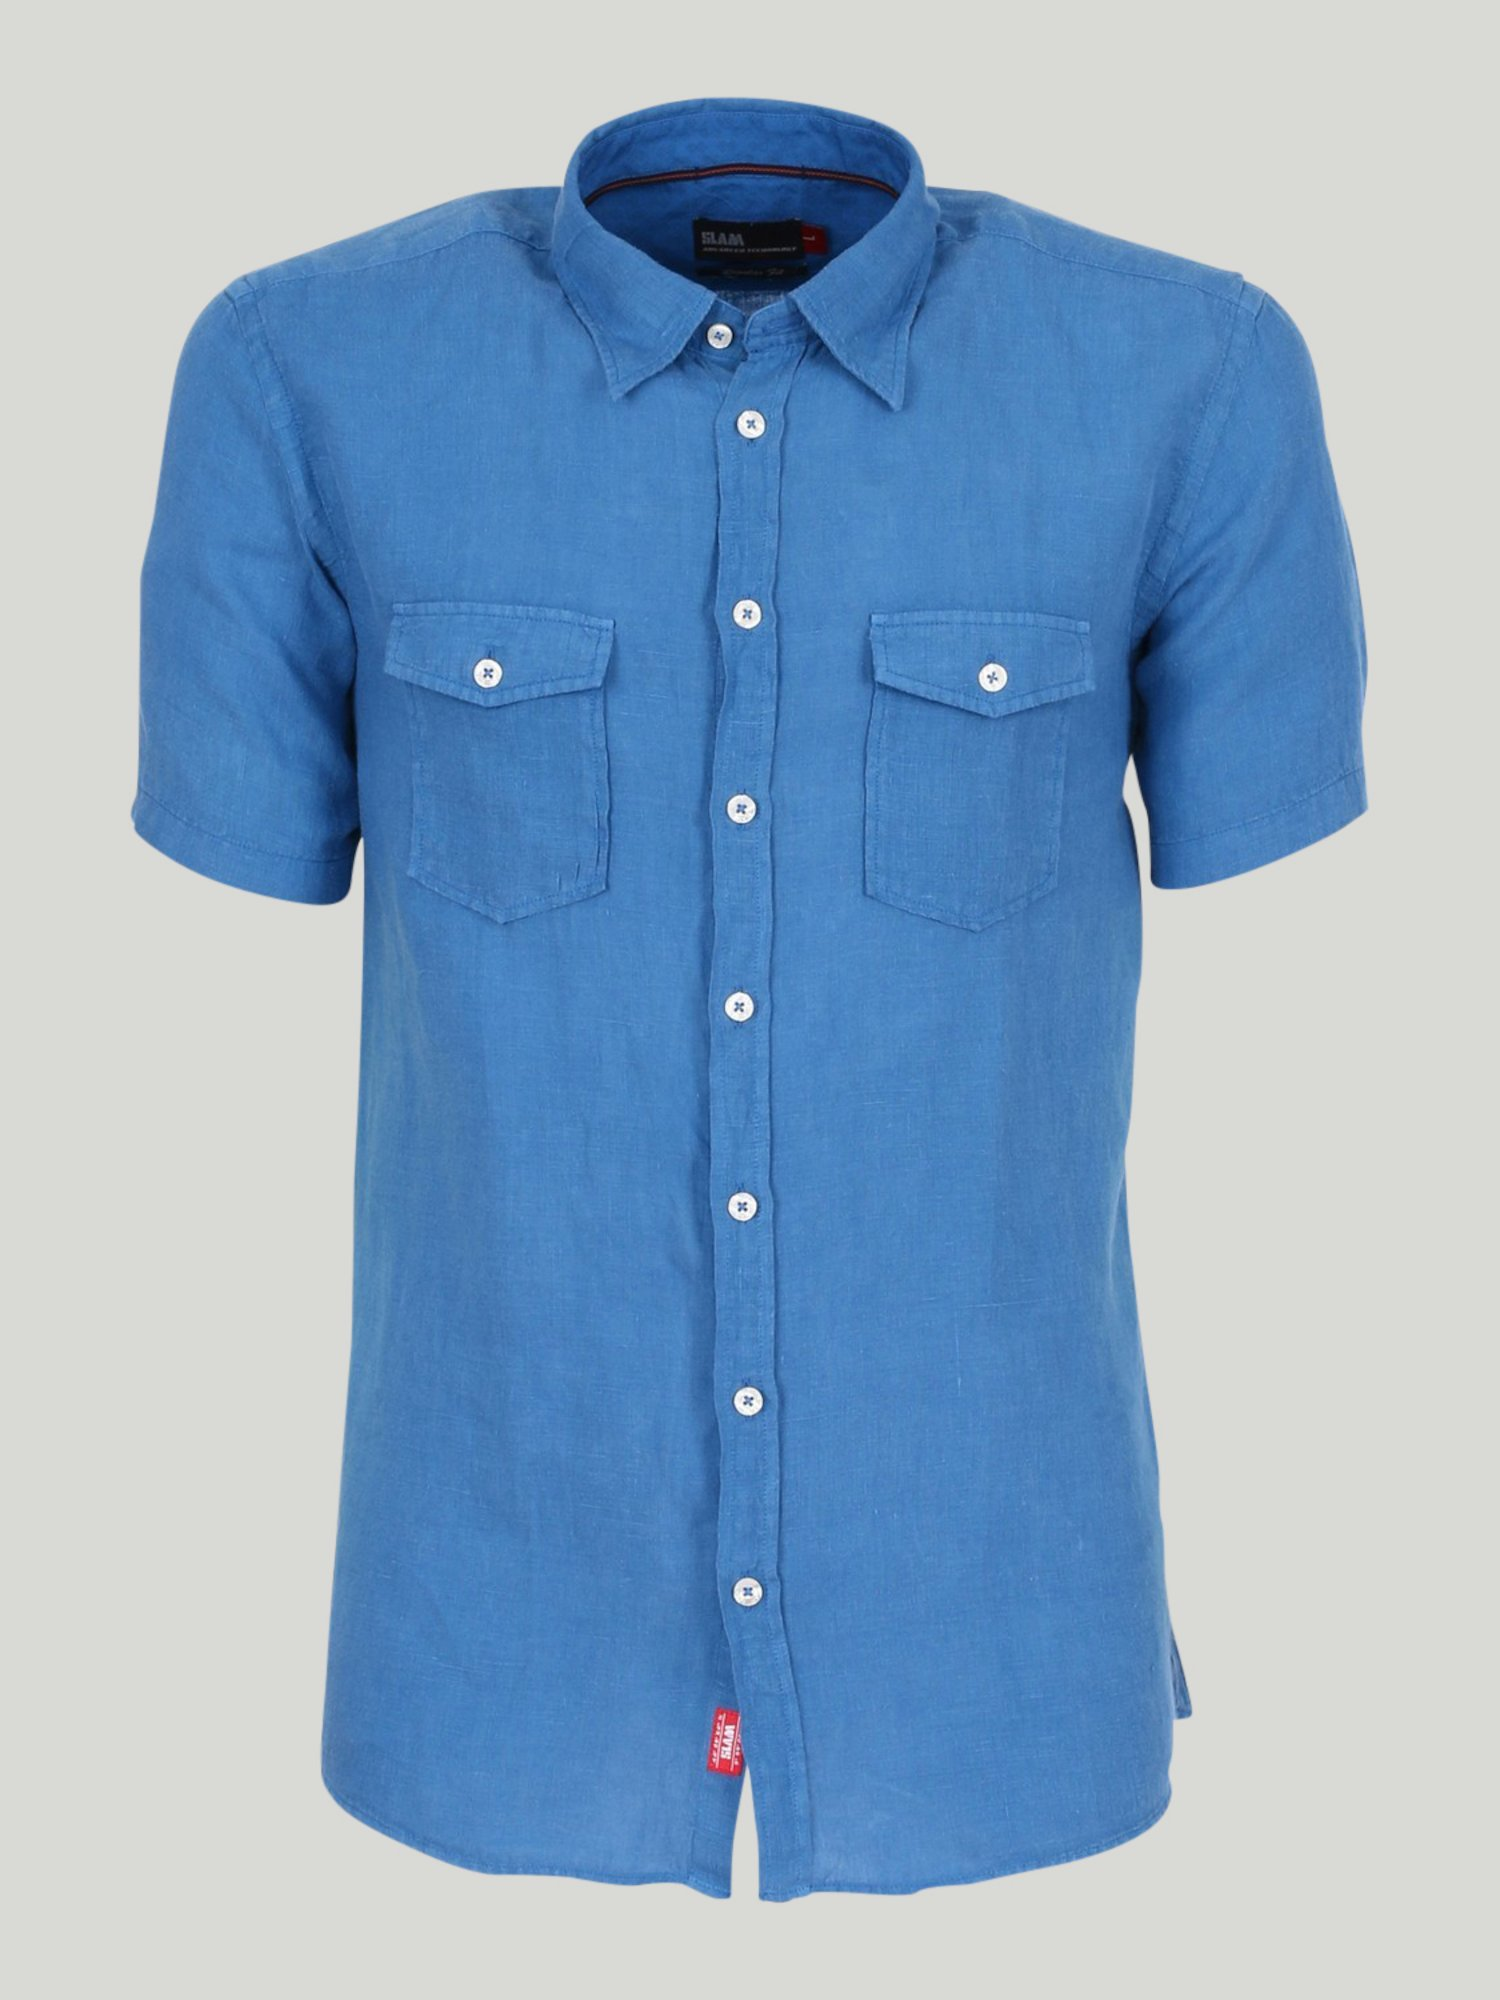 Buffer shirt - Delft